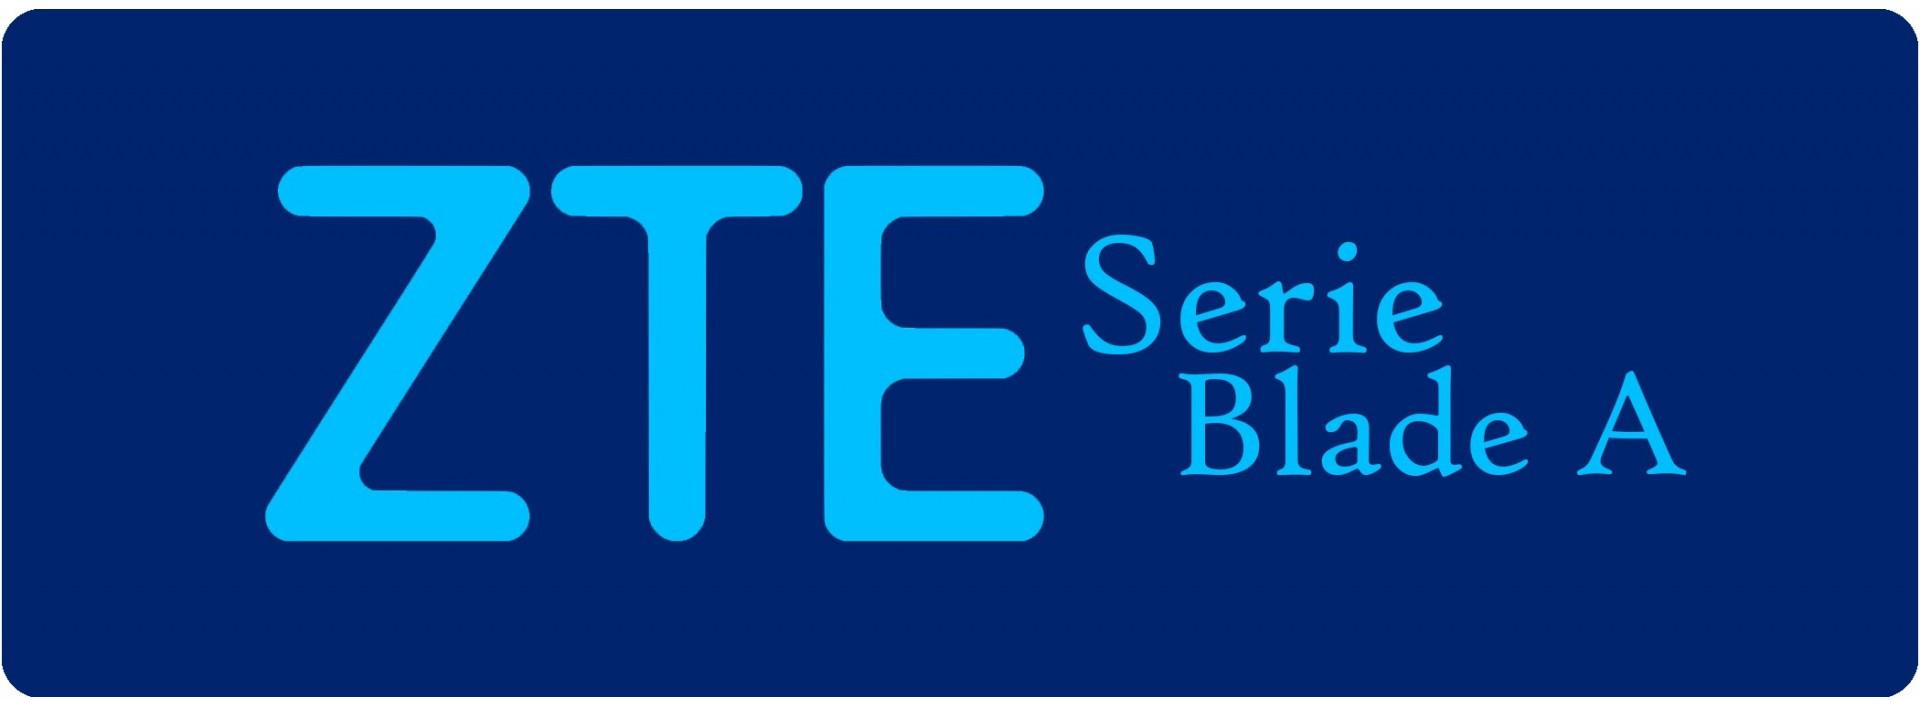 Fundas PERSONALIZADAS para ZTE Serie Blade A, el mejor precio y calidad